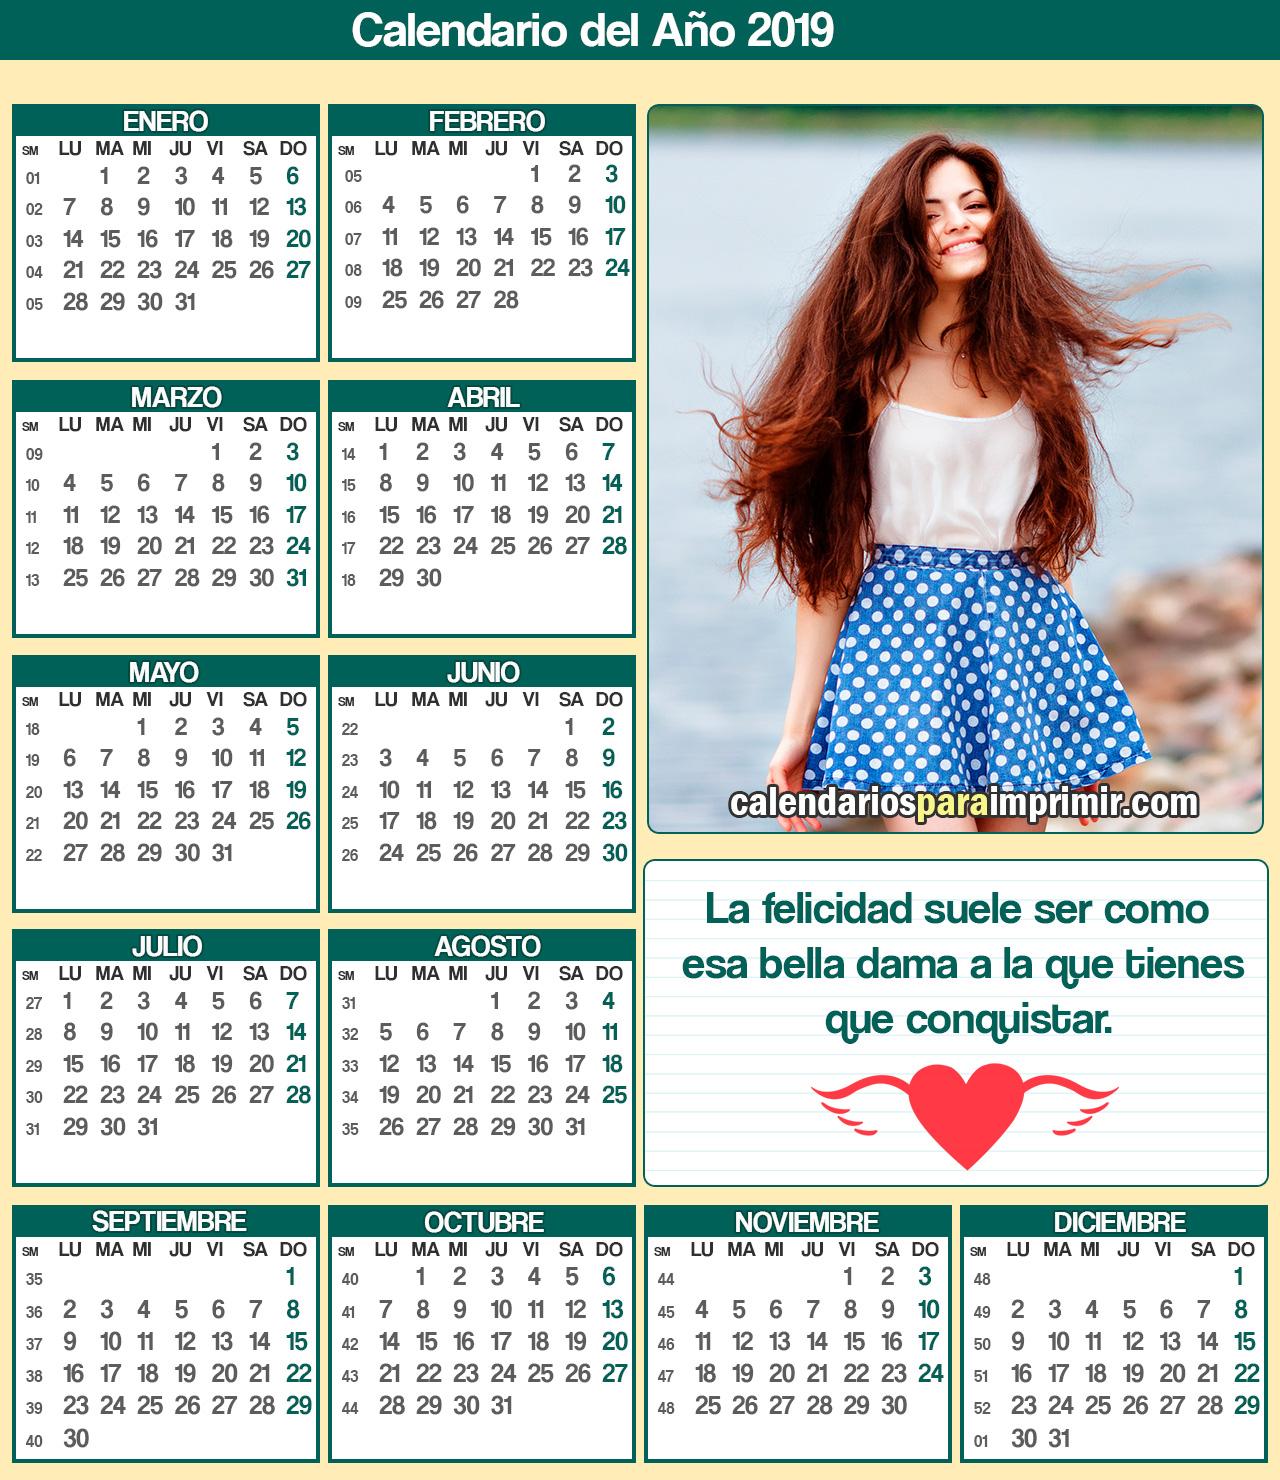 calendario para imprimir 2019 felicidad